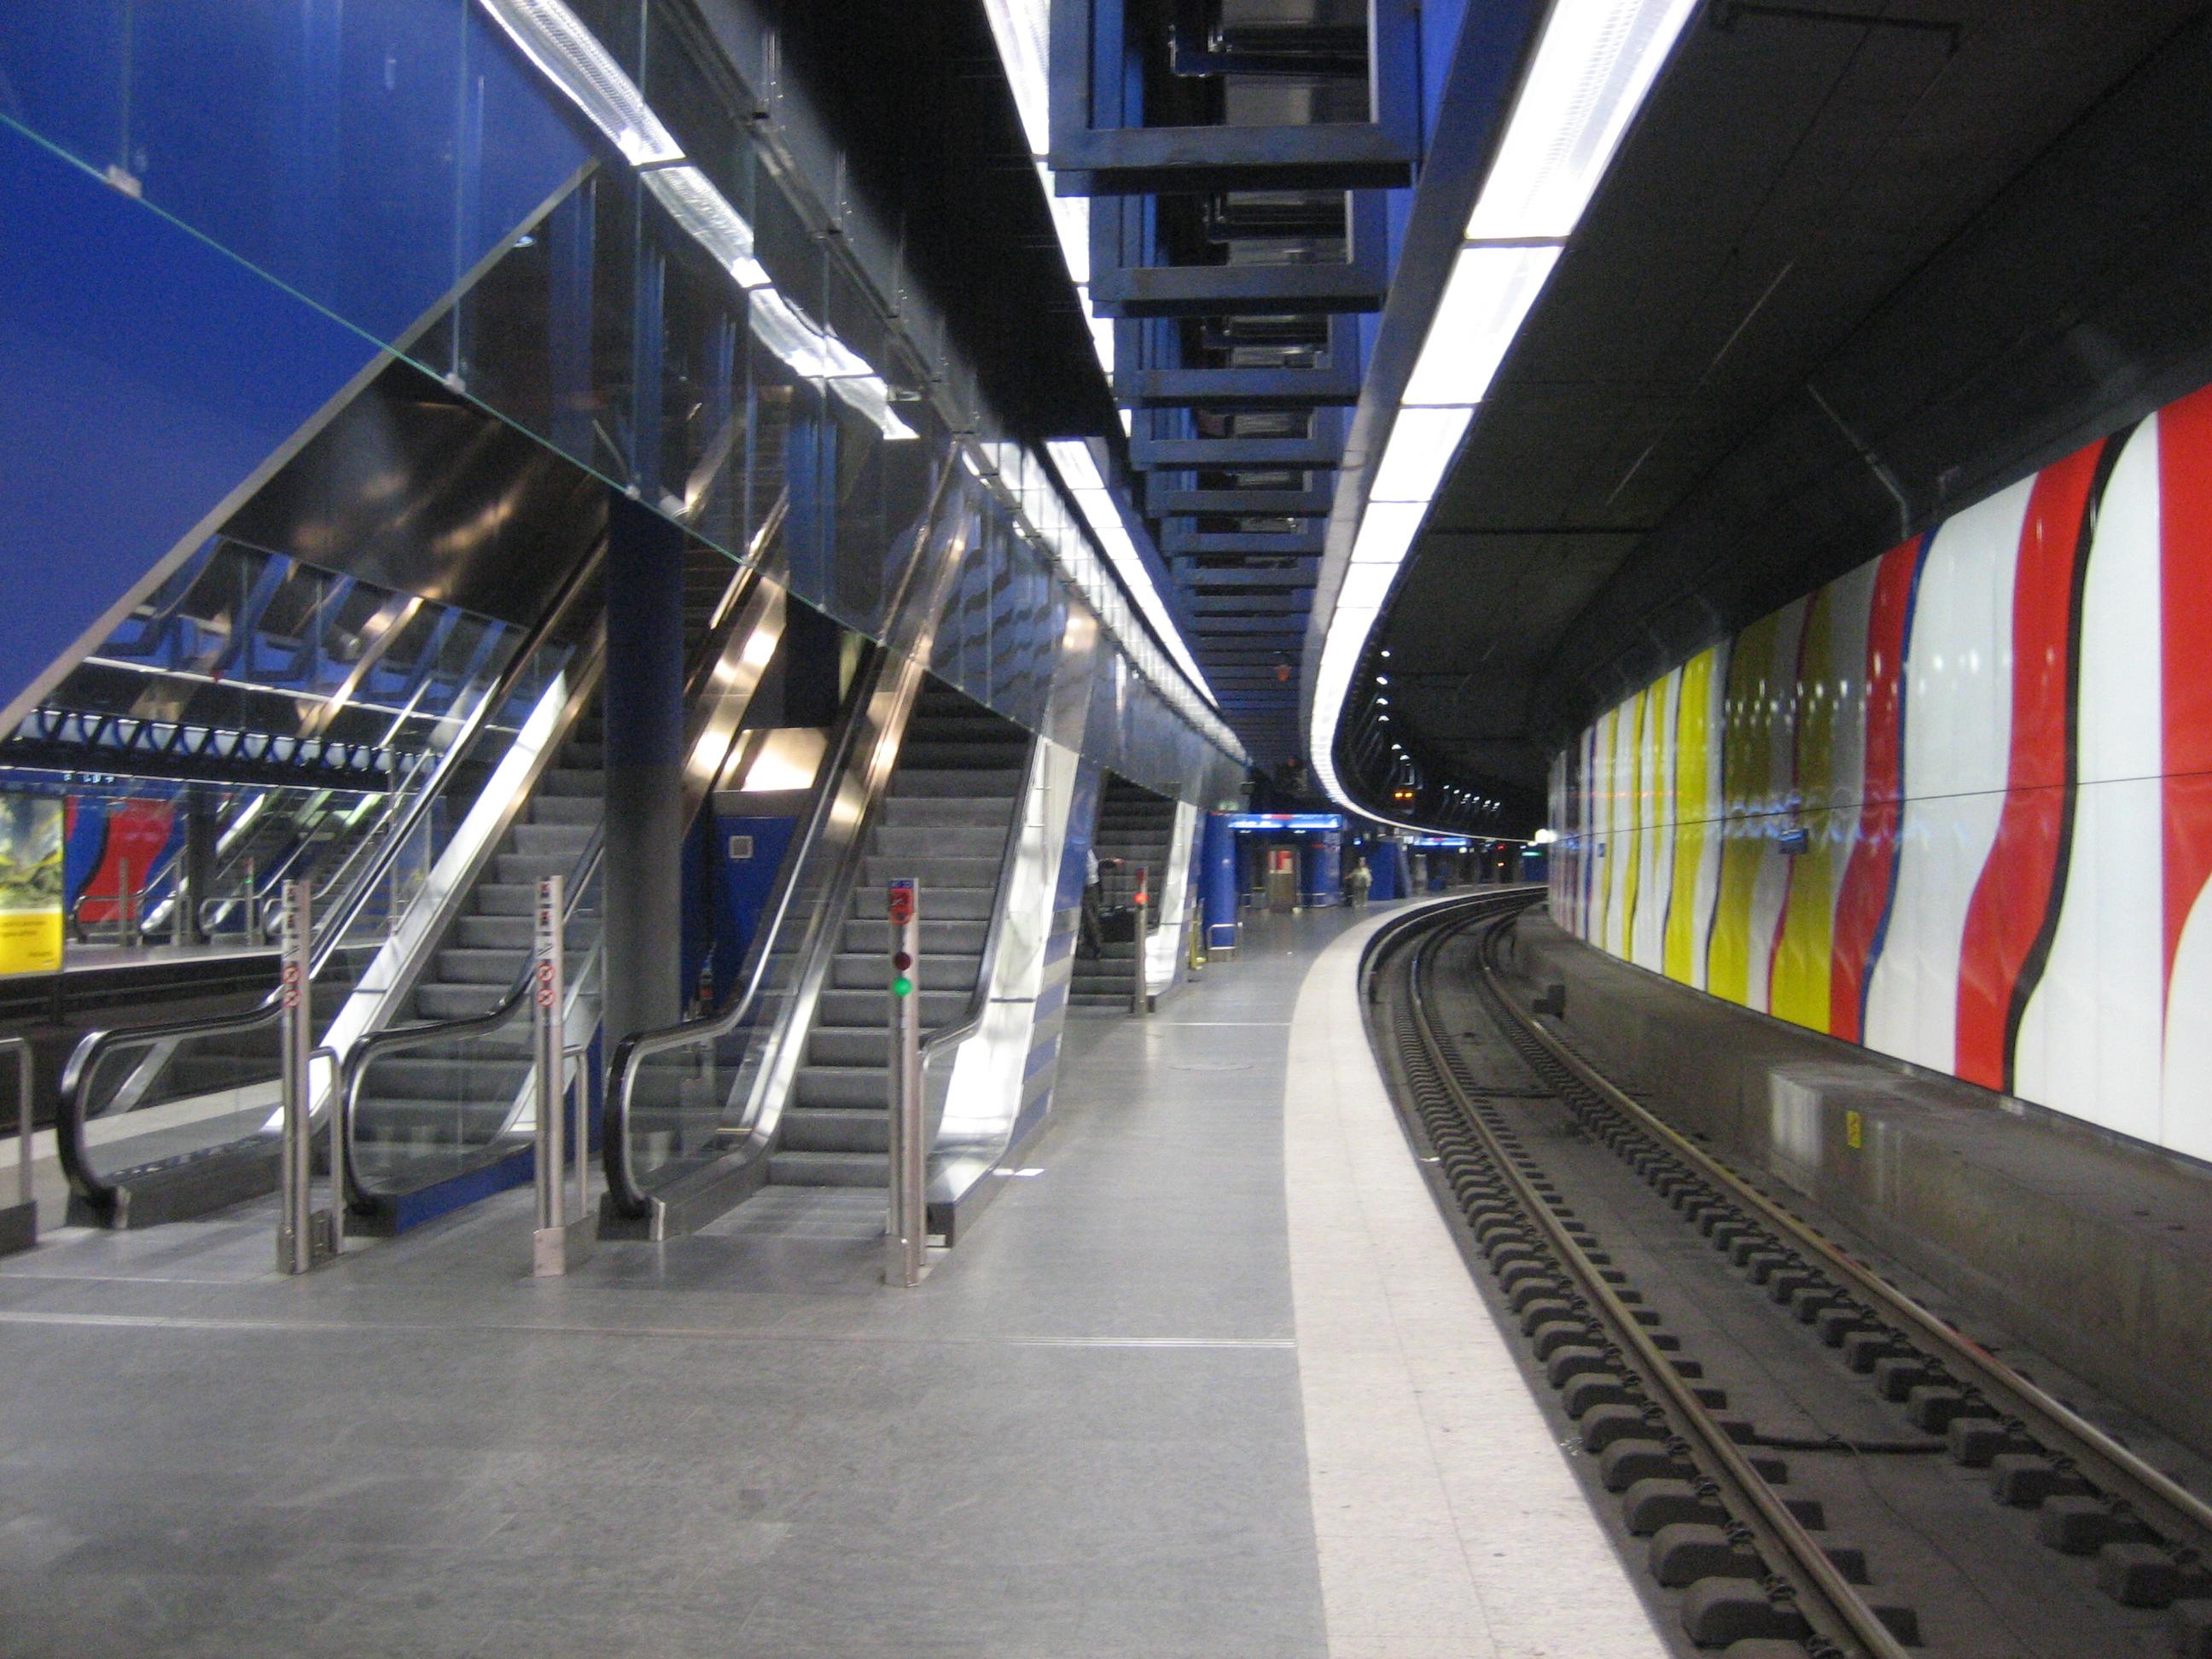 Bahnhof Zürich Flughafen Wikipedia